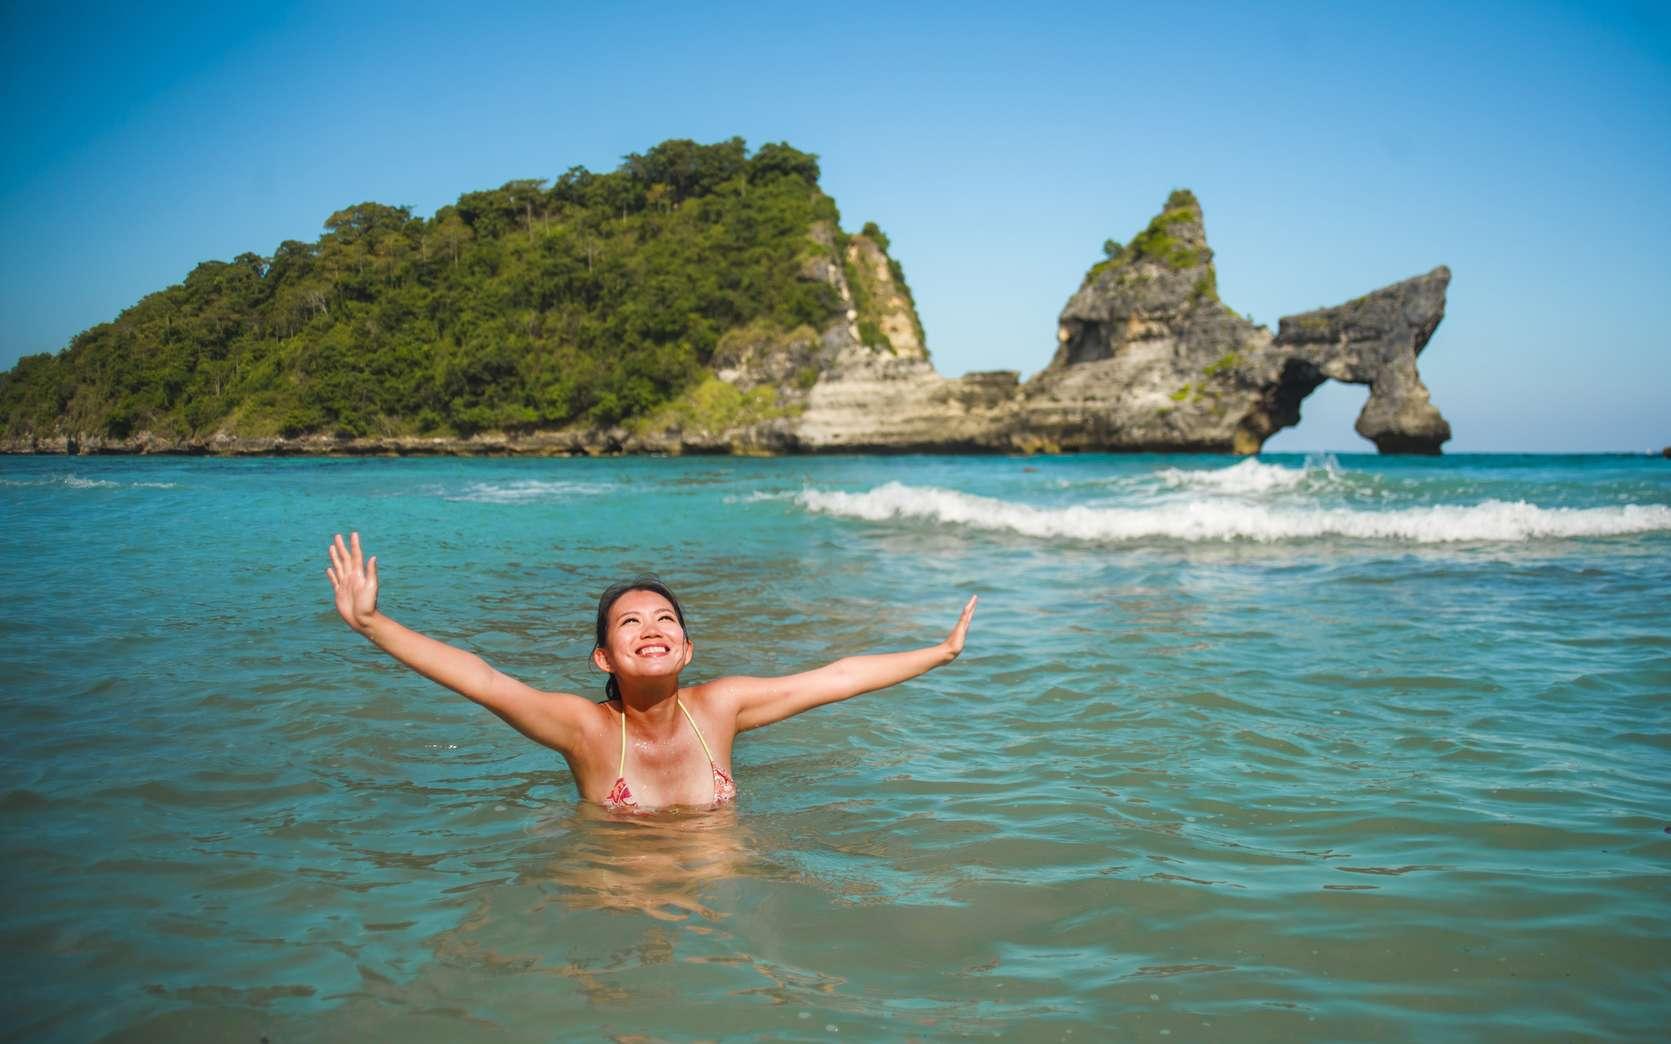 Les bénéfices naturels de l'eau de mer sur la peau sont exploités en thalassothérapie. © TheVisualsYouNeed, Fotolia